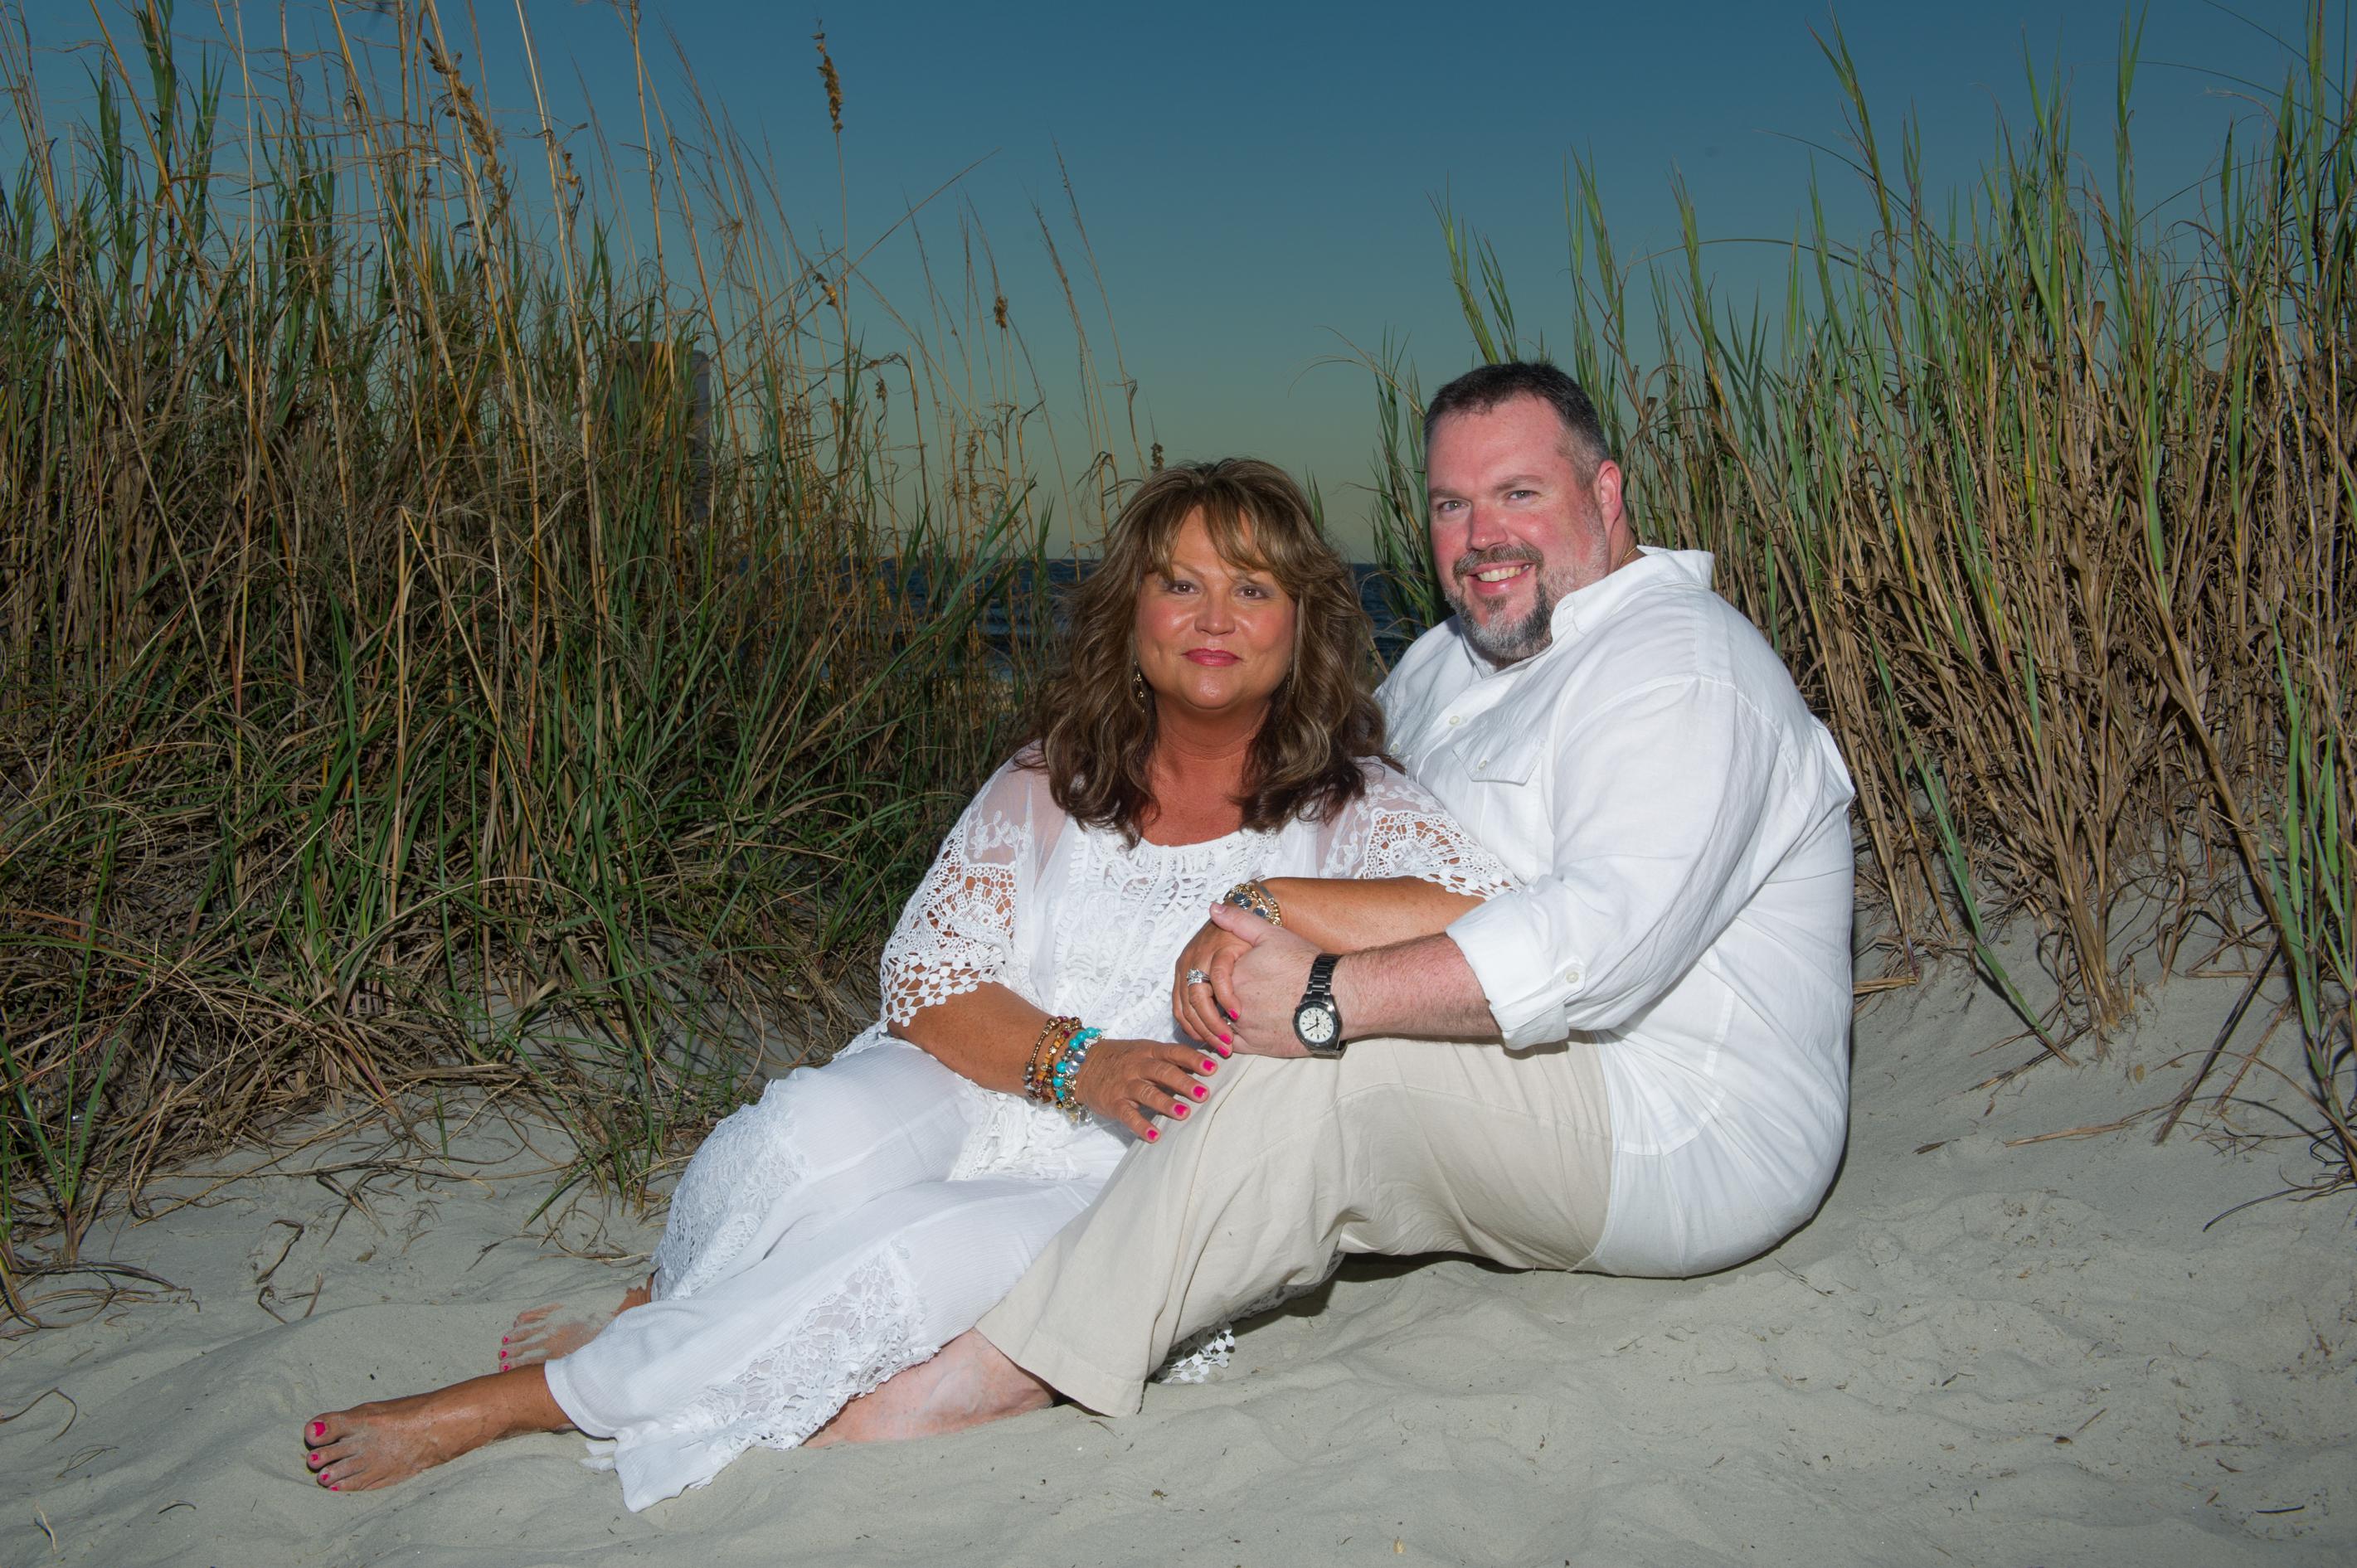 Best Wedding Photography North Myrtle Beach